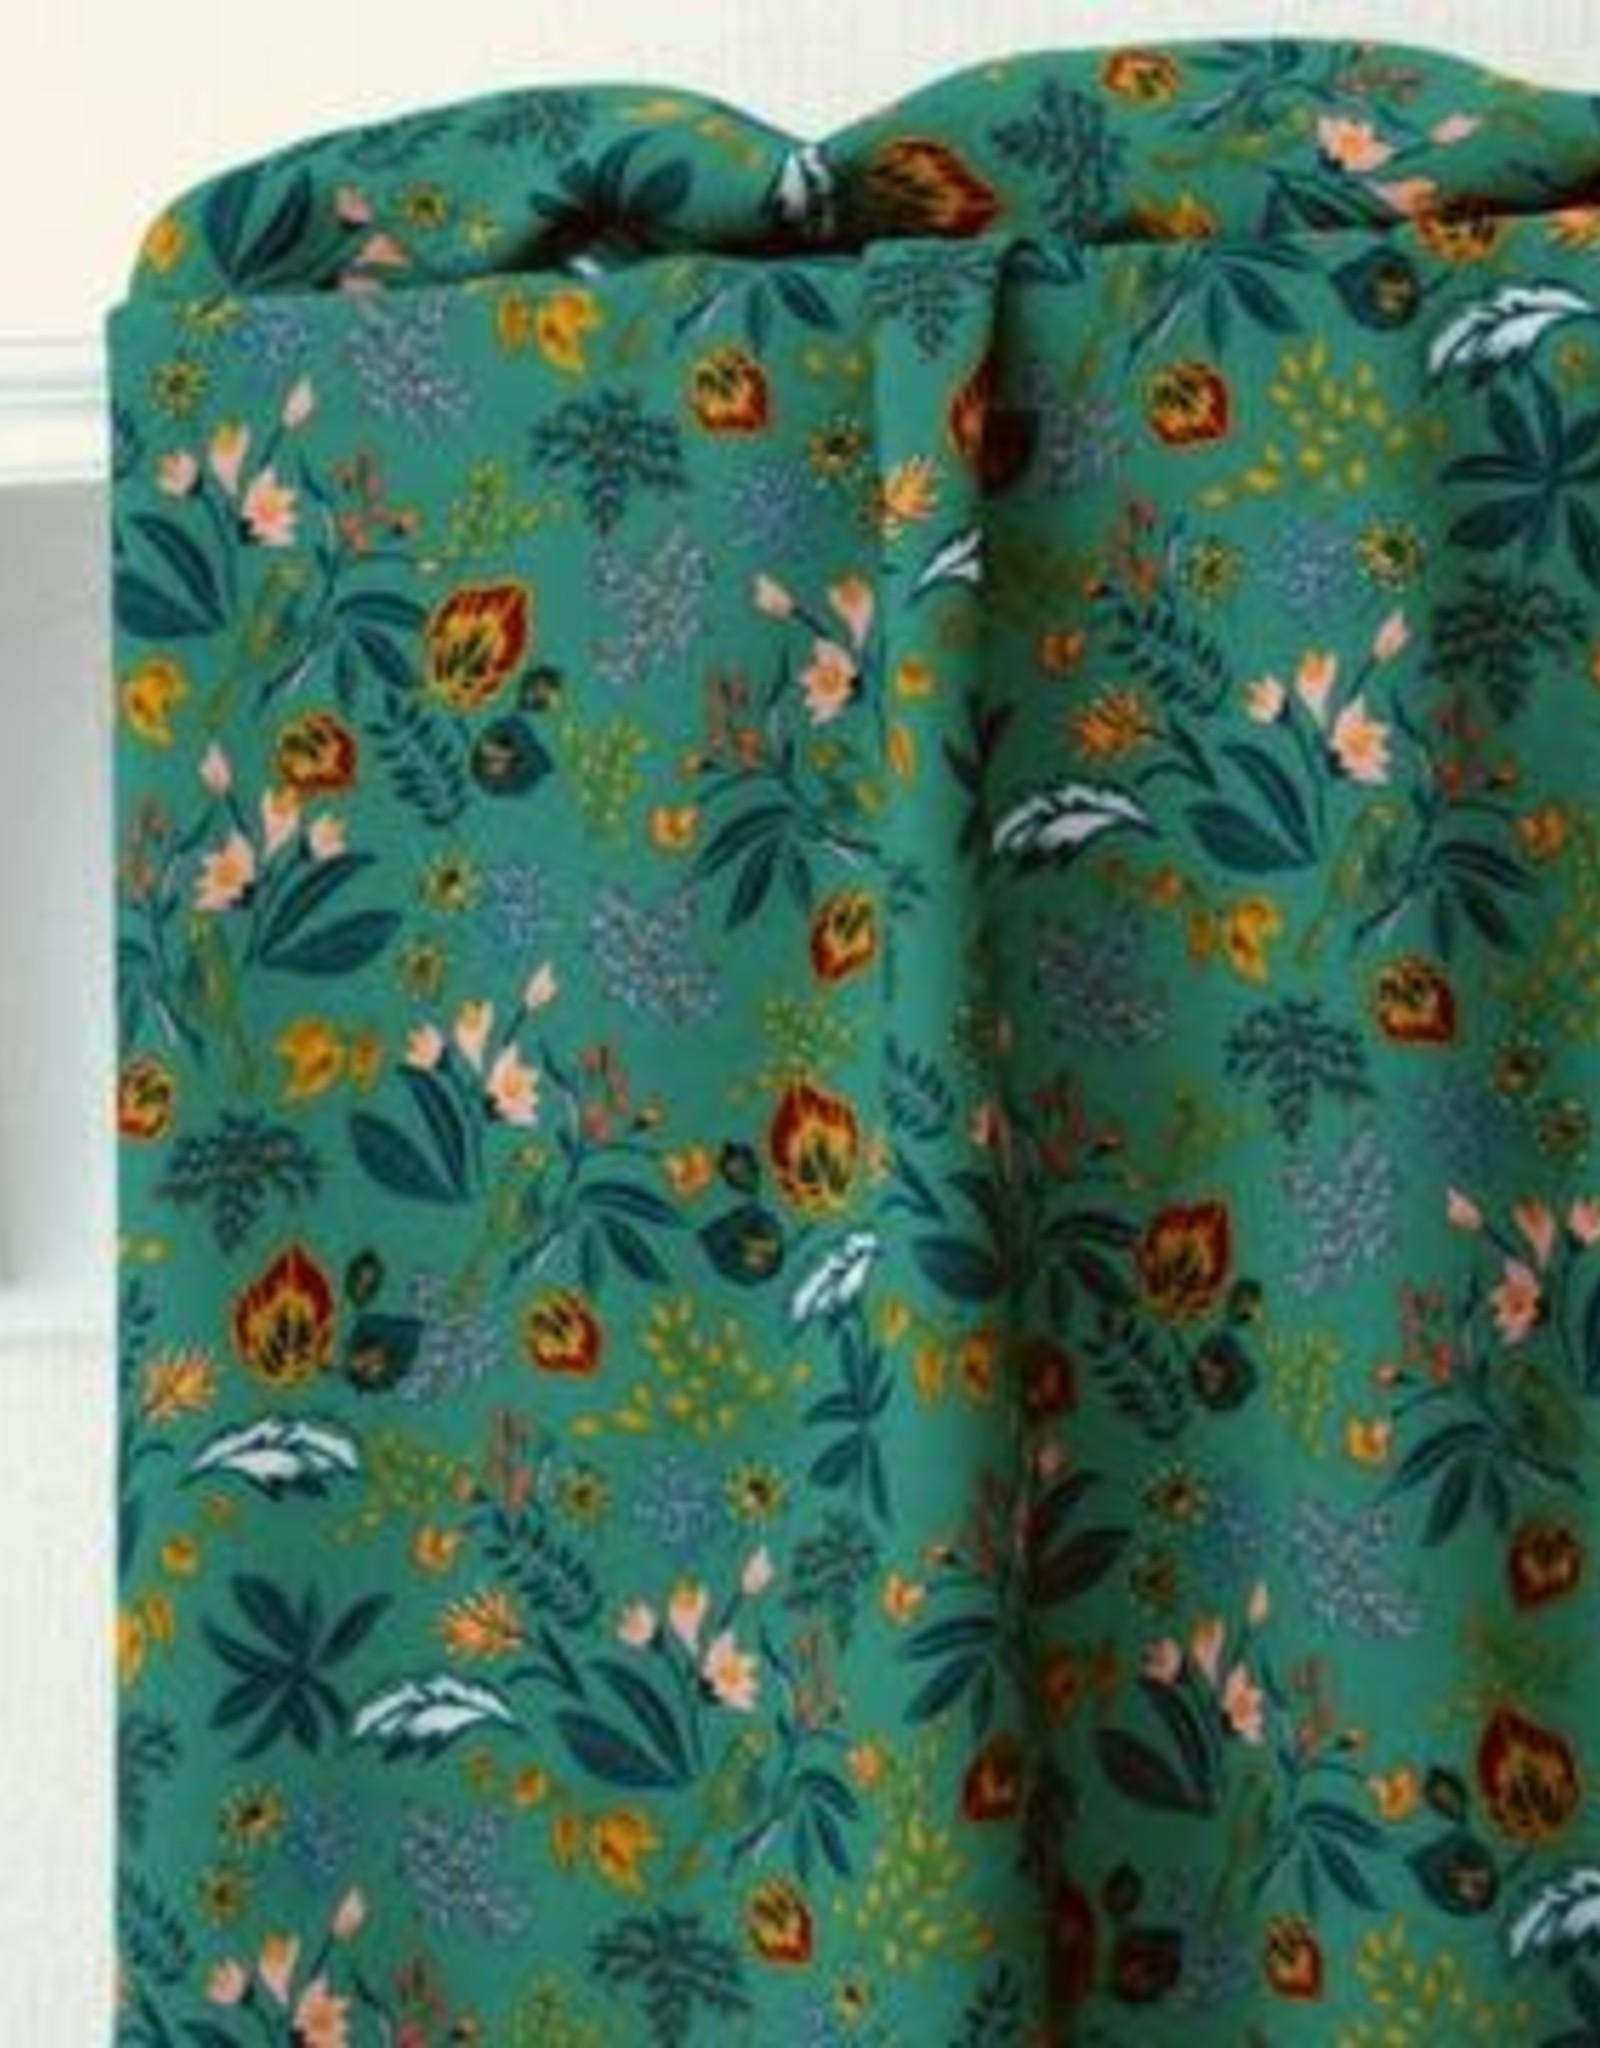 Atelier Jupe Grasgroene viscose met kleurrijke print